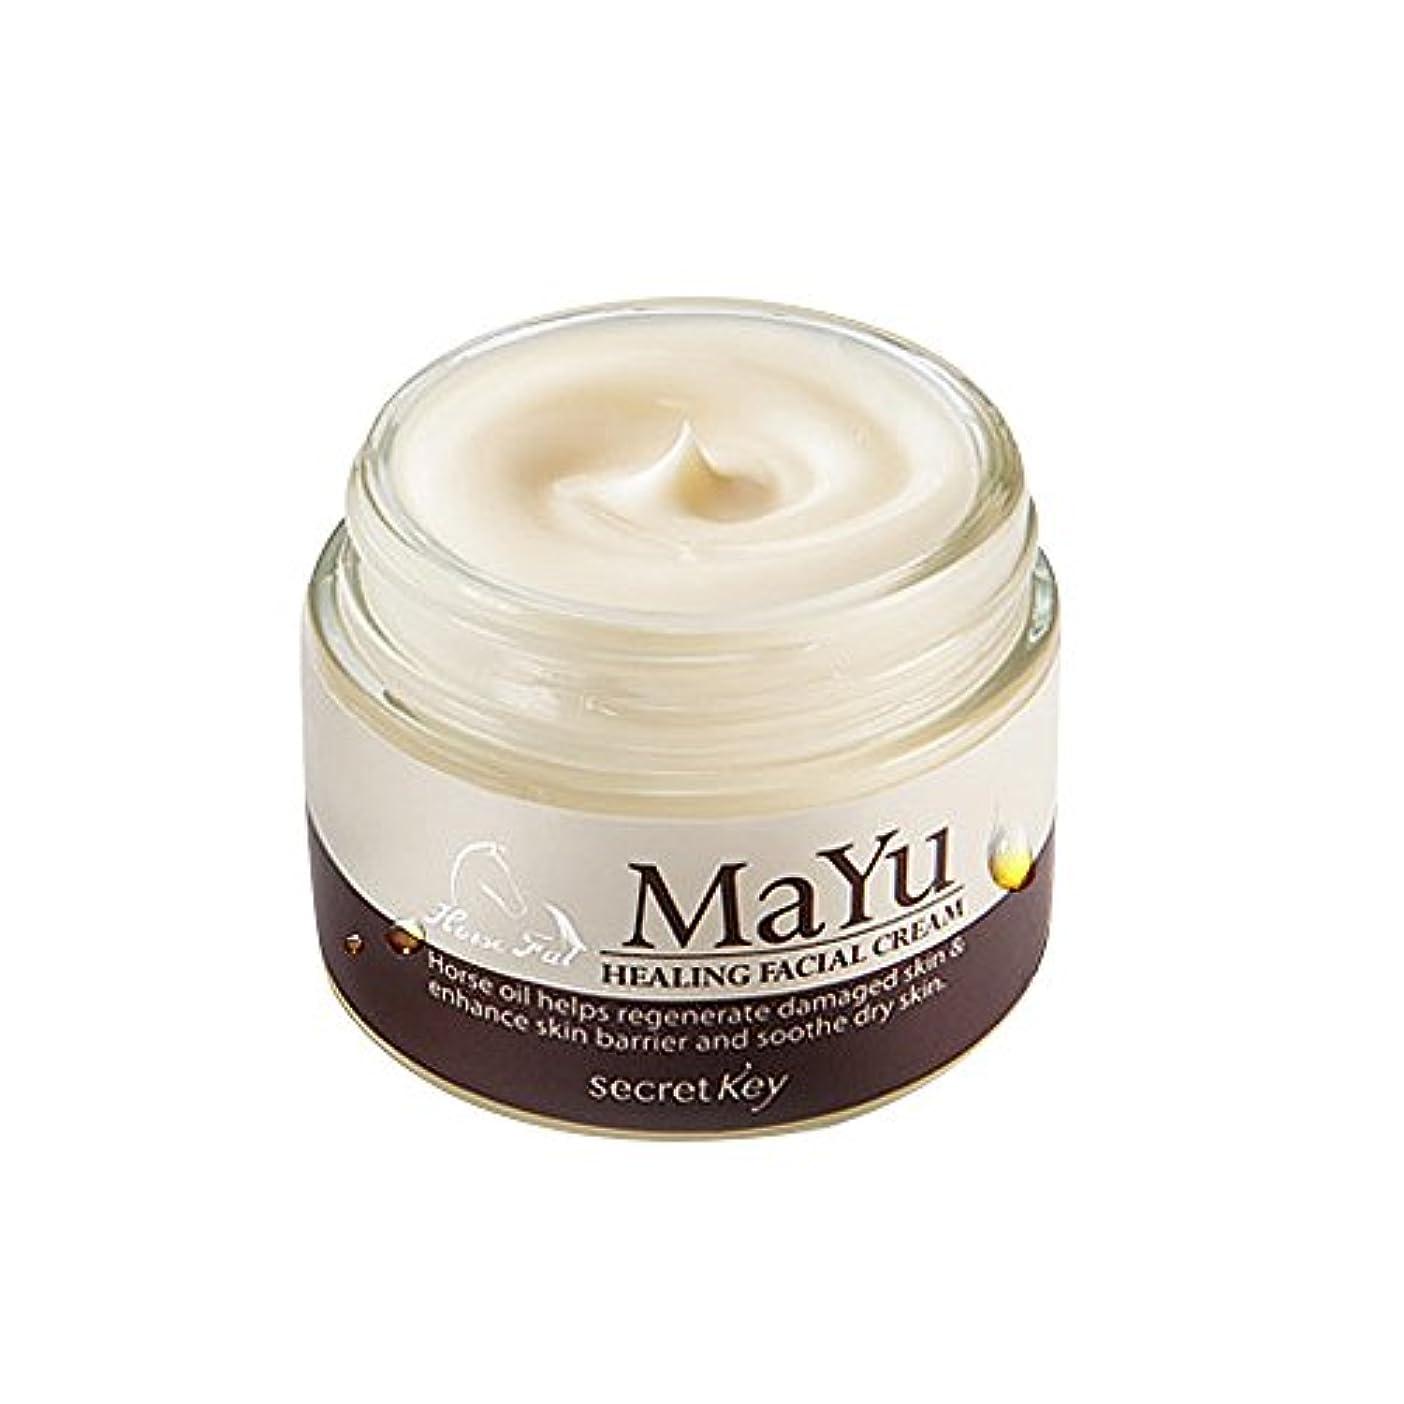 ロボット論理的に満了[シークレットキー]Secretkey 馬油ヒーリングフェイシャルクリーム70g 海外直送品 Mayu Healing Facial Cream 70g